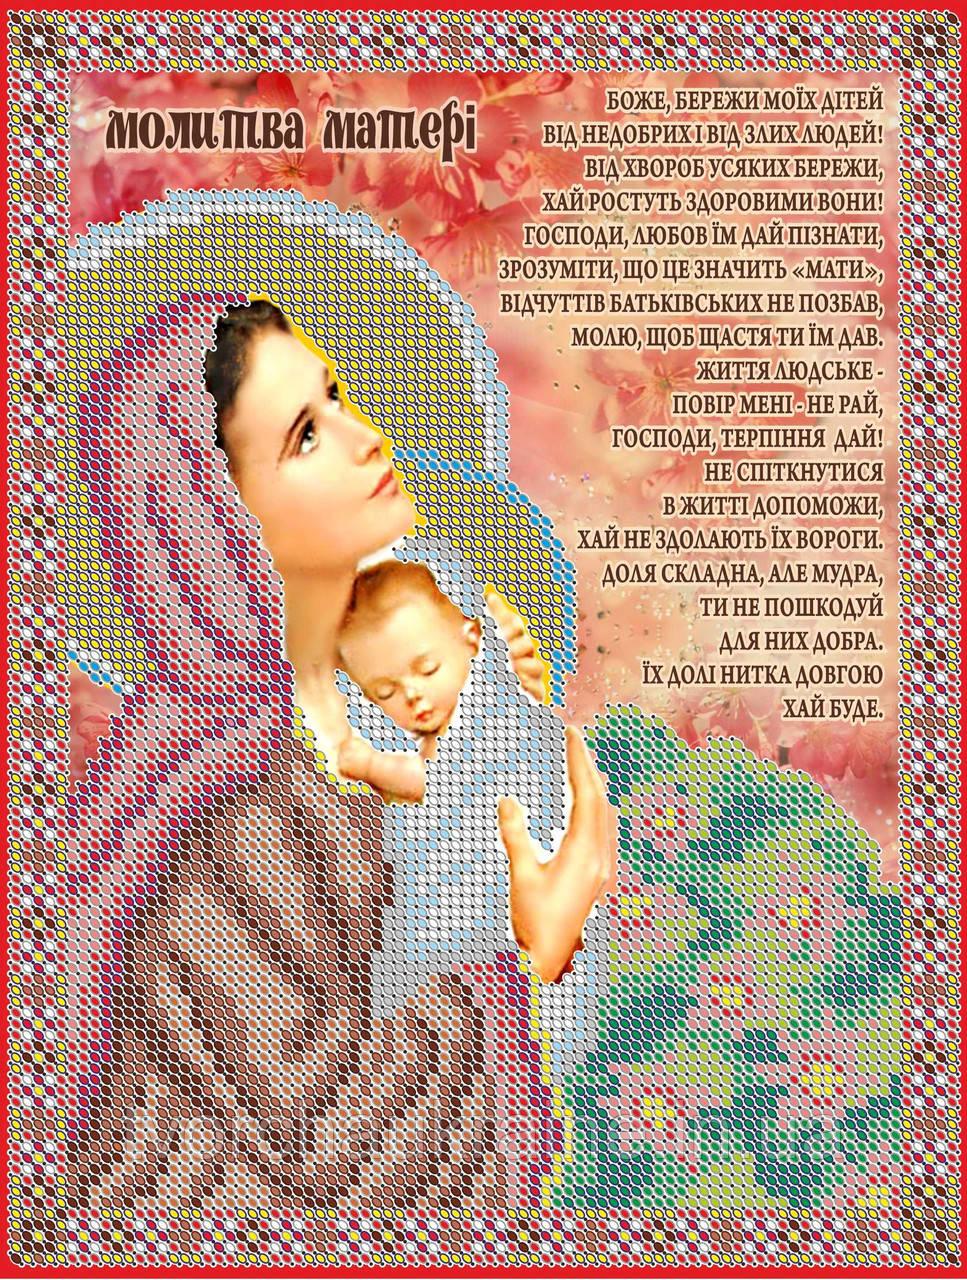 Схема для вышивки бисером Молитва Матери украинская